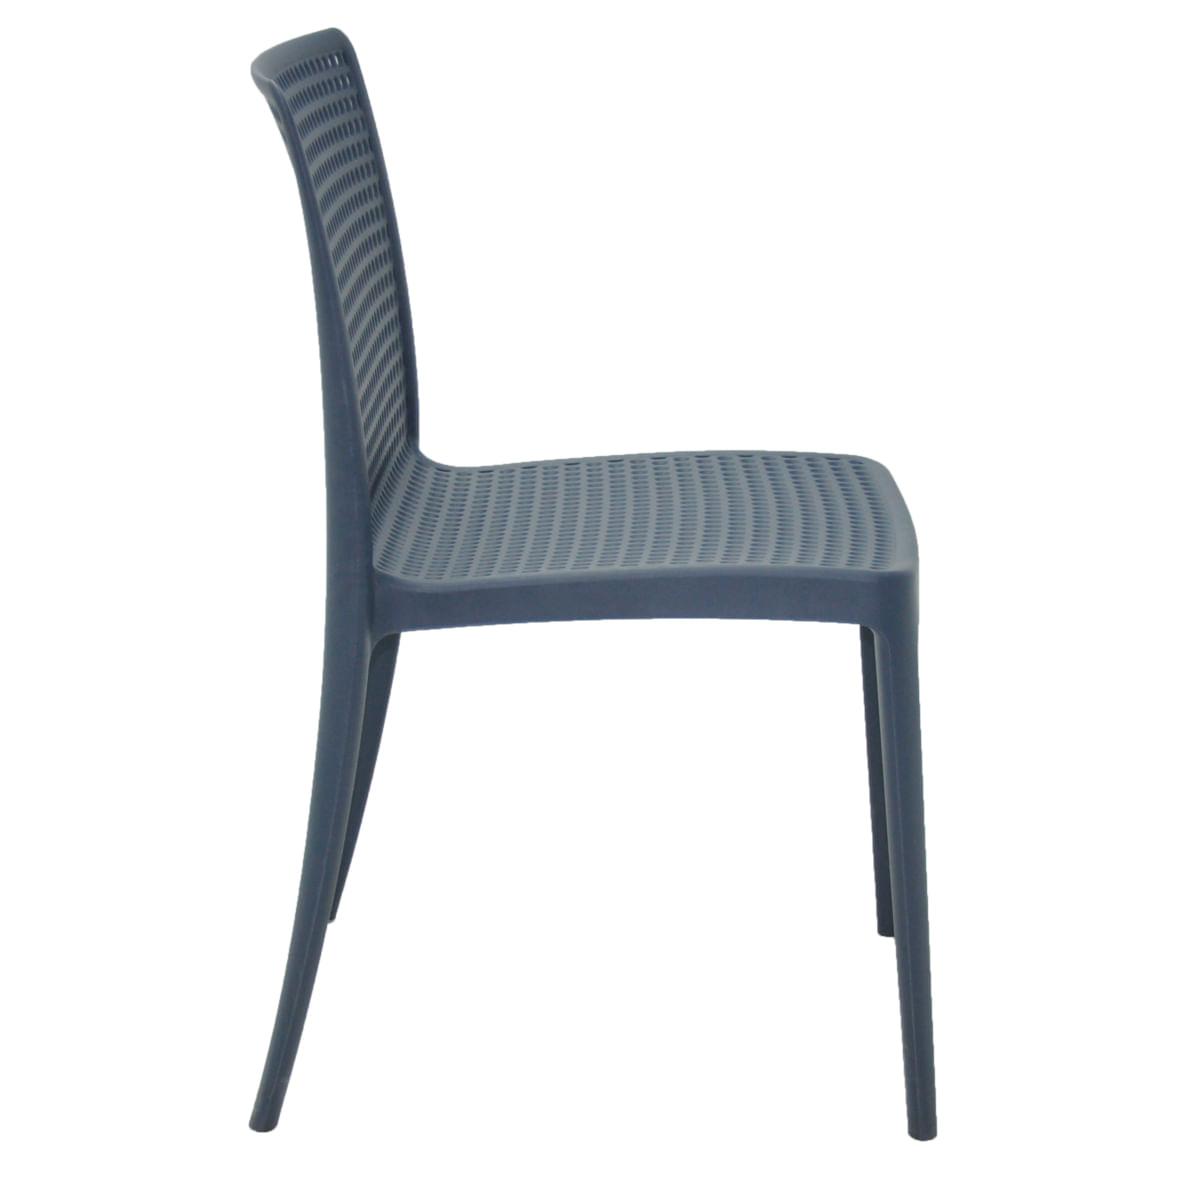 Cadeira Tramontina Isabelle em Polipropileno e Fibra de Vidro Azul Navy